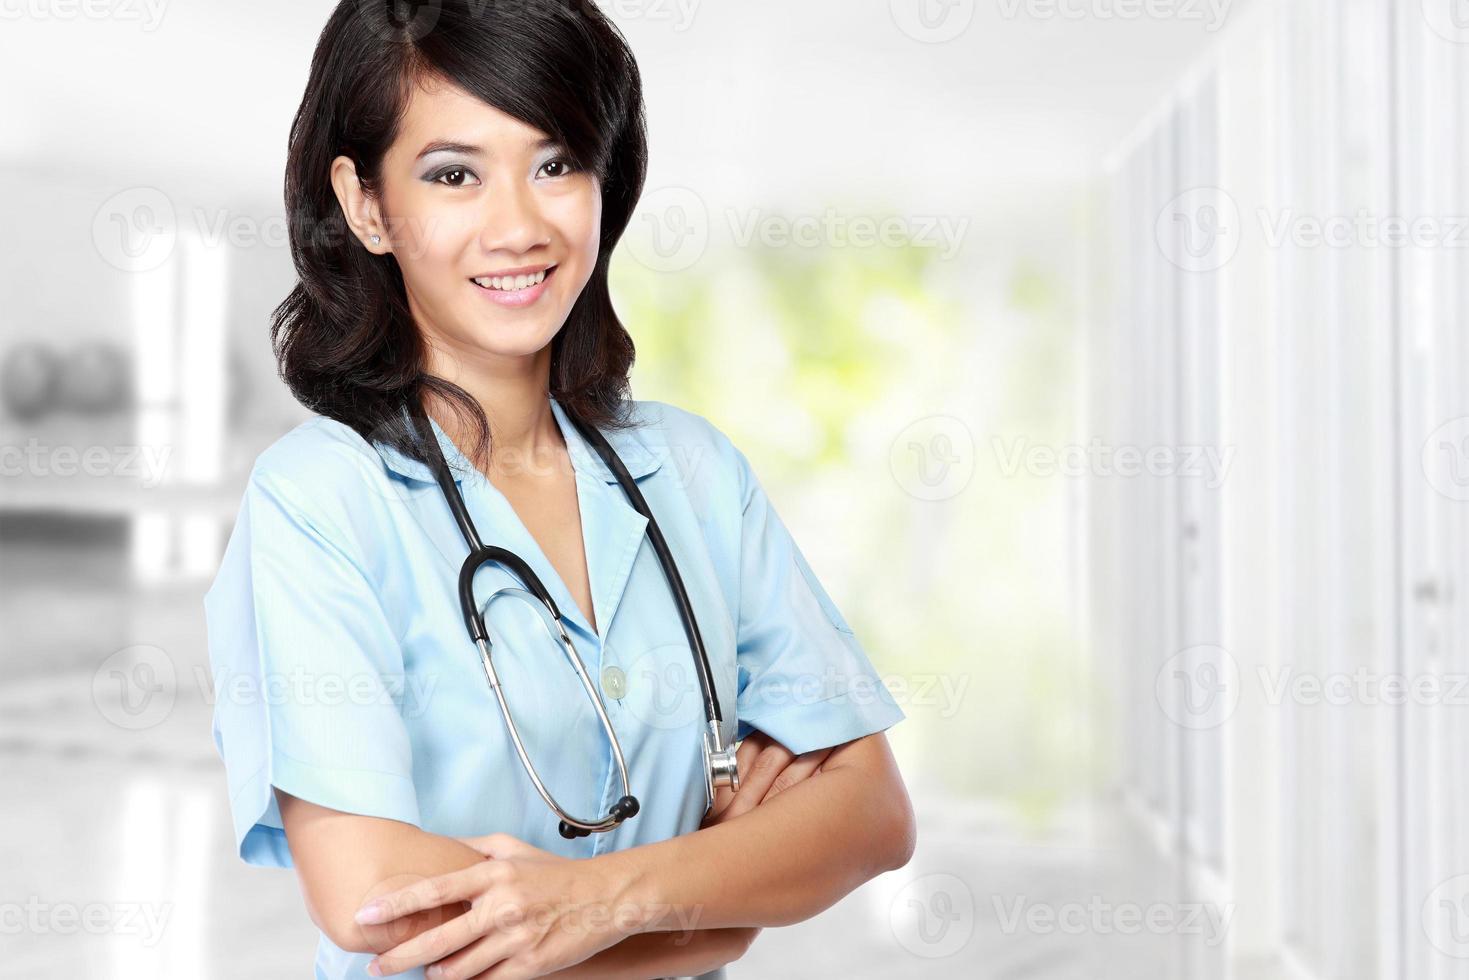 Schönheit Ärztin mit verschränktem Arm foto